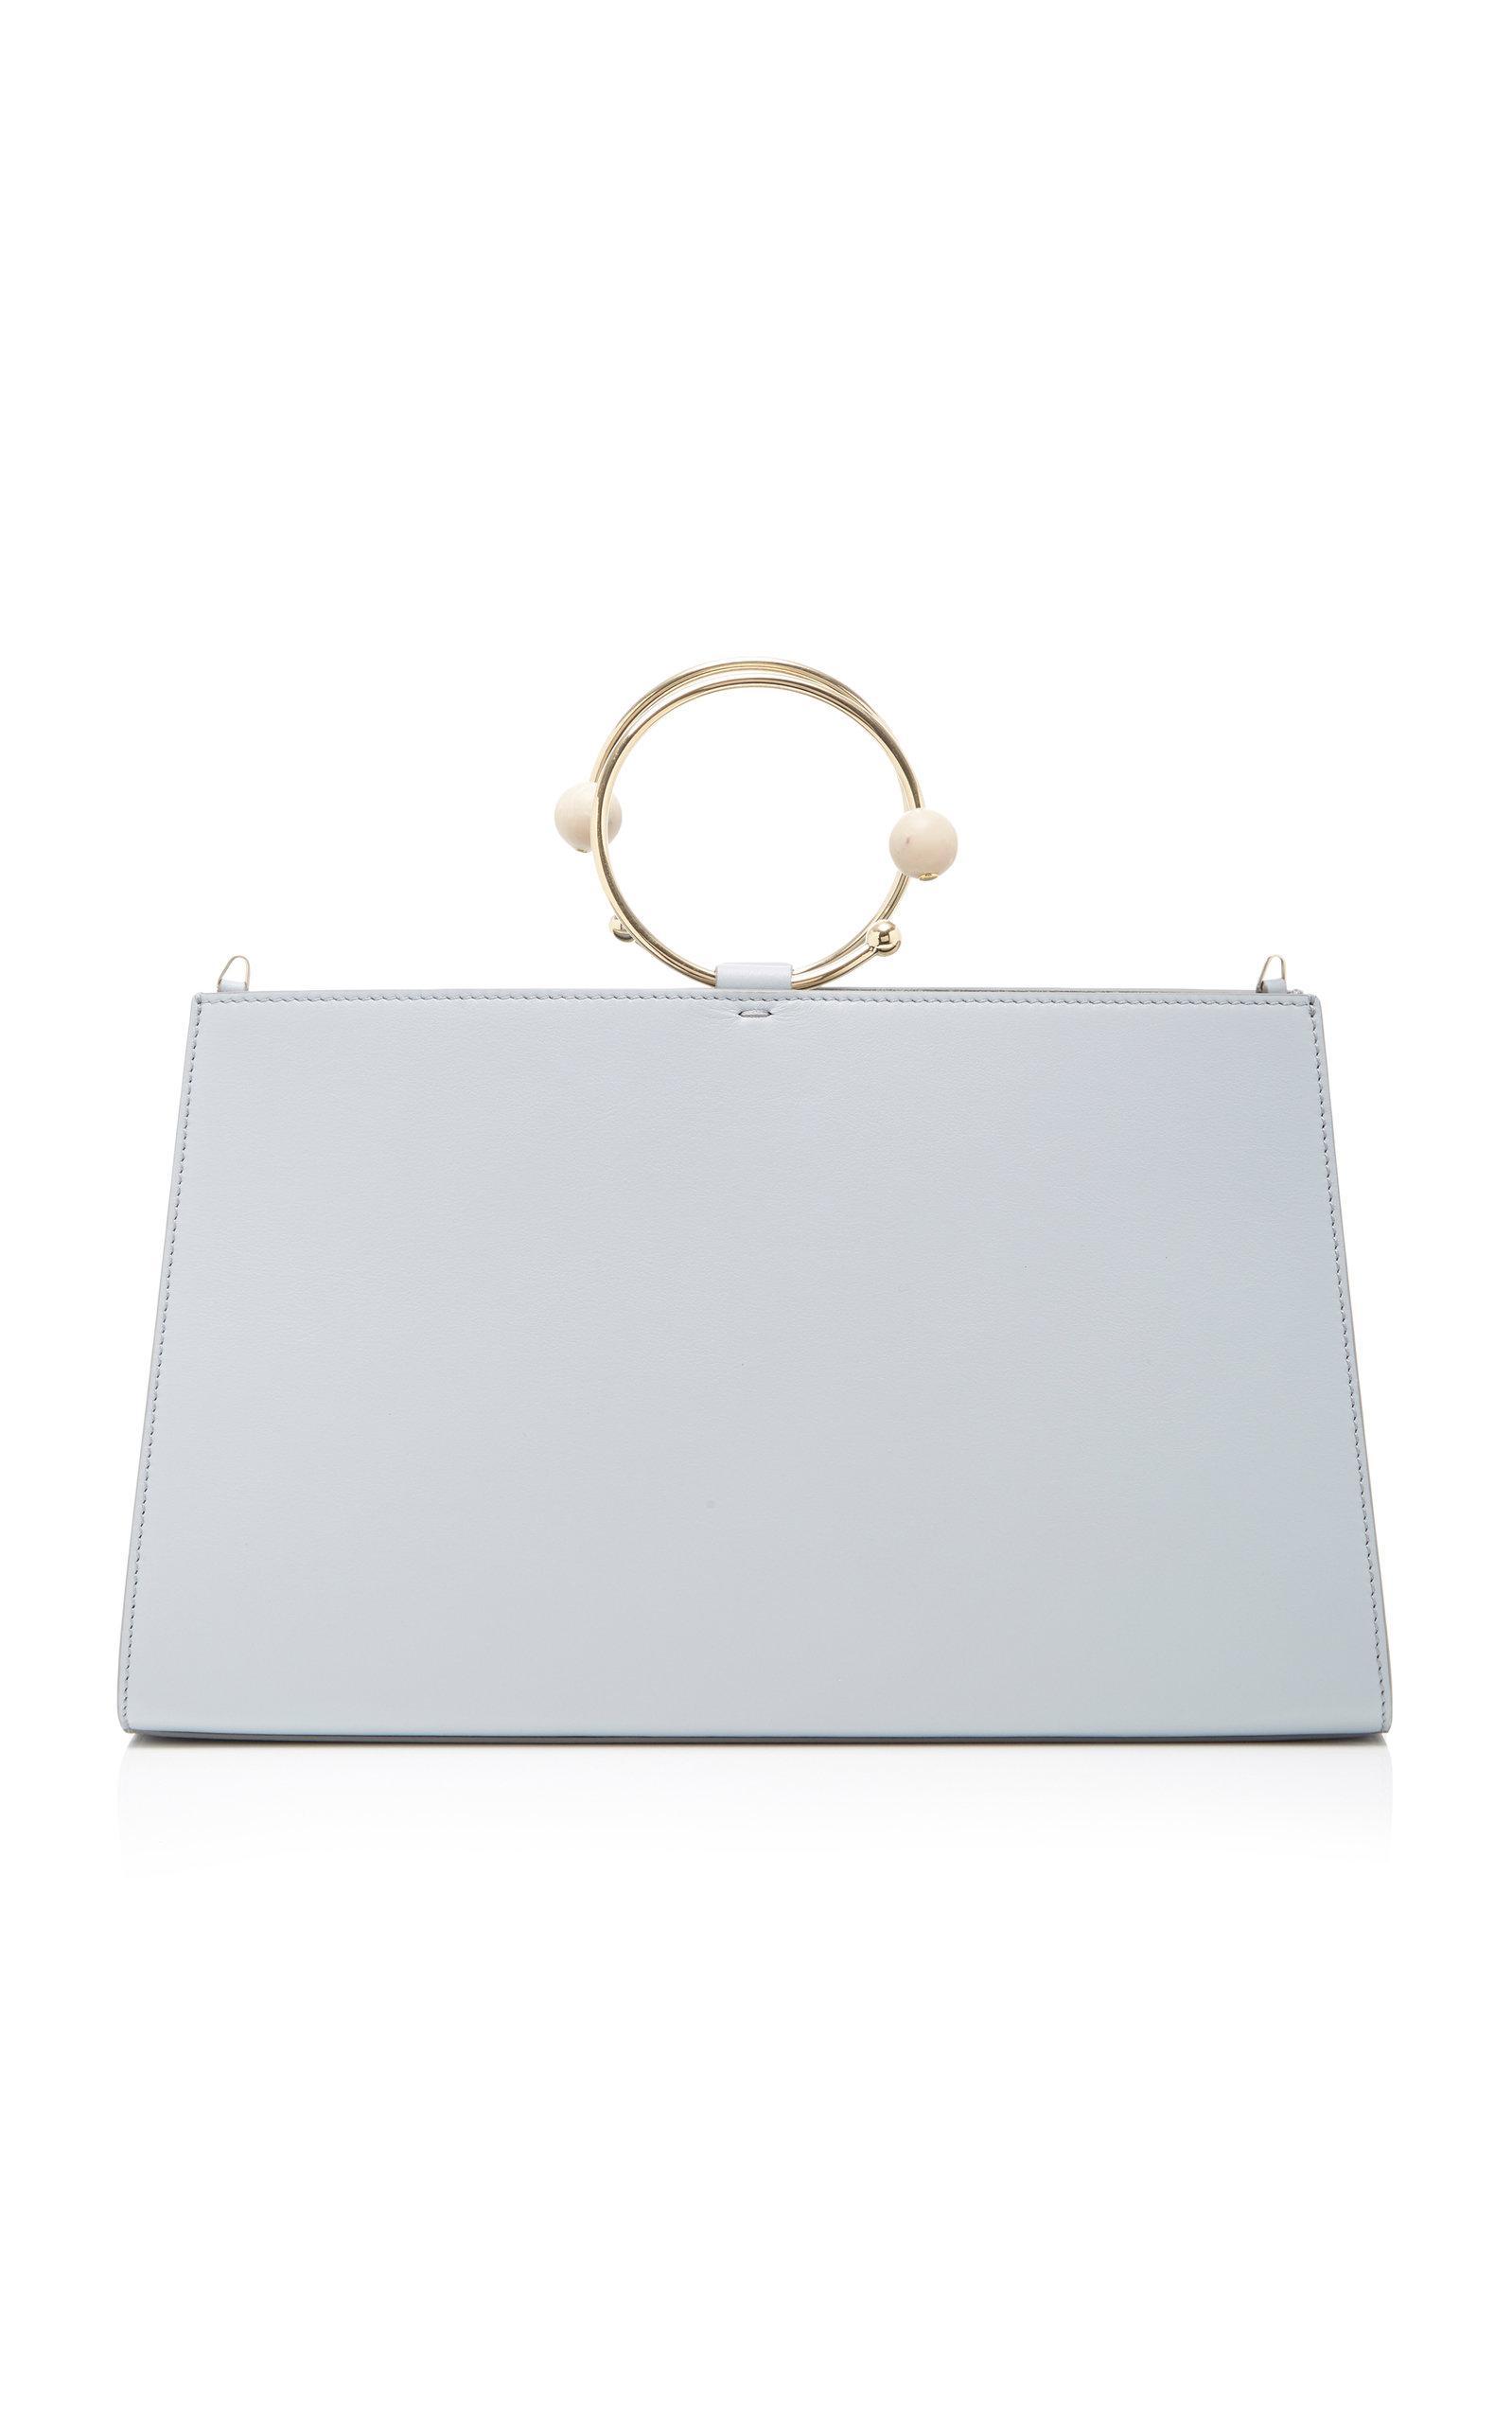 Adeam Art Frame Bag In Blue